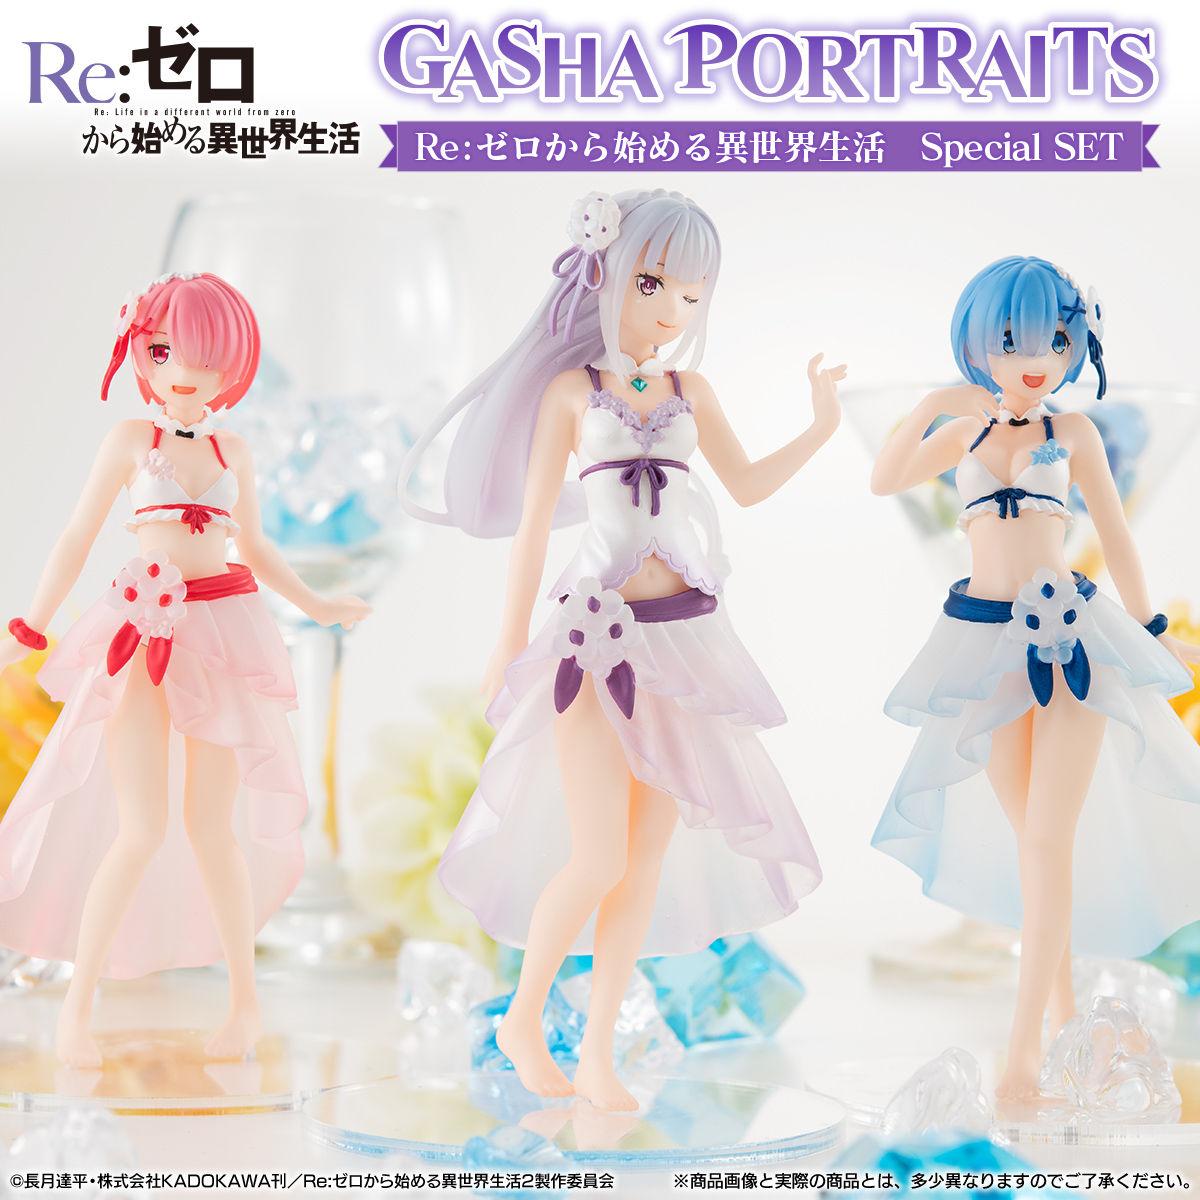 【限定販売】リゼロ『GASHA PORTRAITS Re:ゼロから始める異世界生活 Special SET』美少女フィギュア3体セット-001